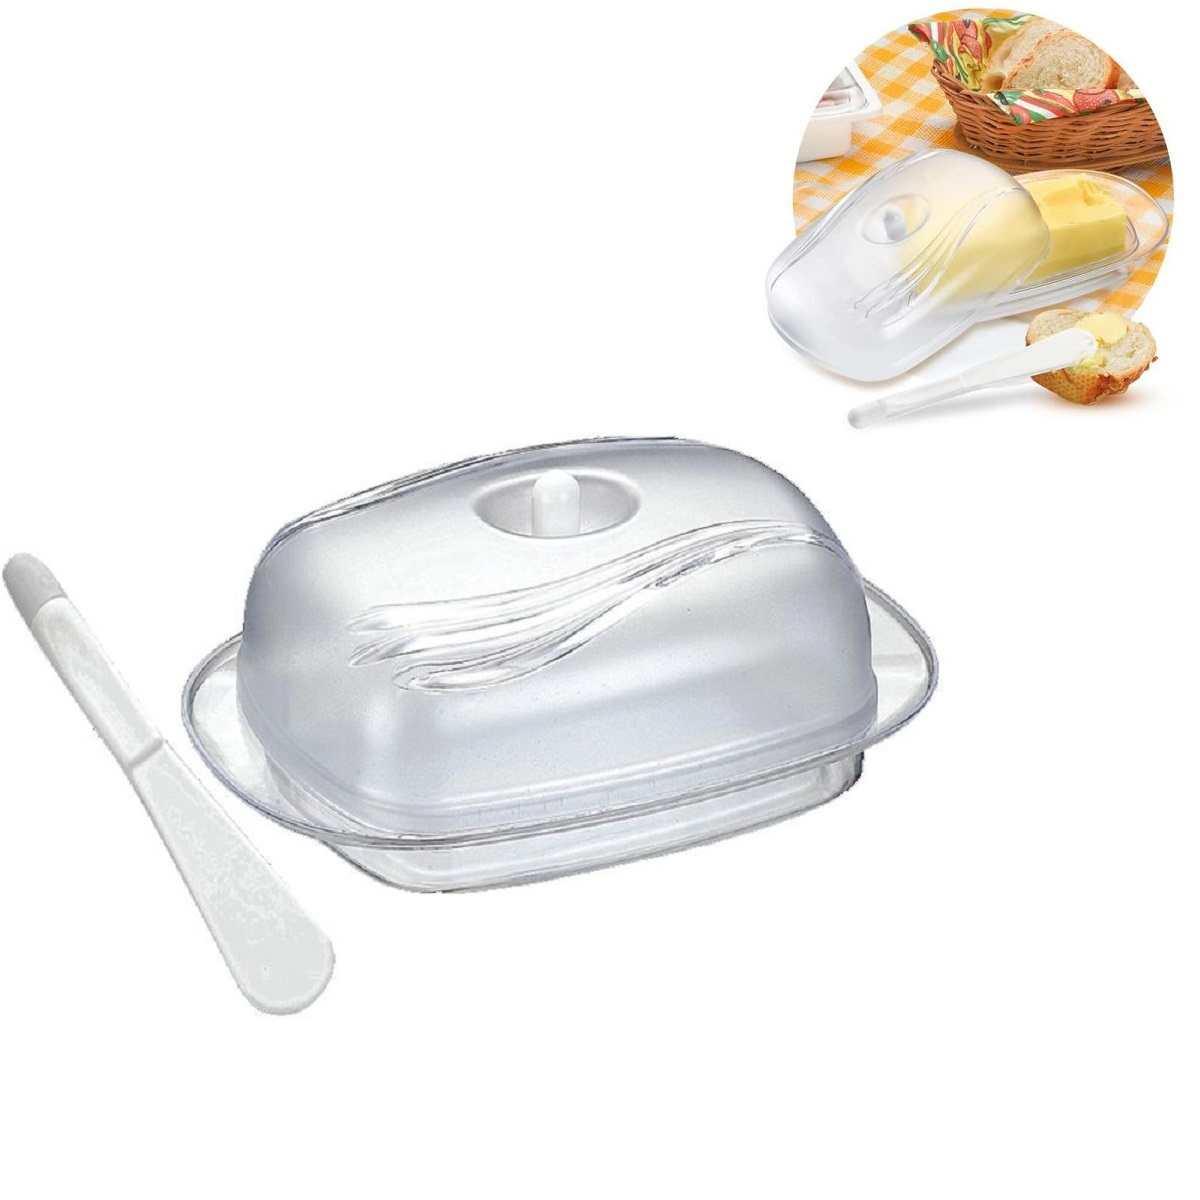 Manteigueira Com Espátula Acrílico Keita